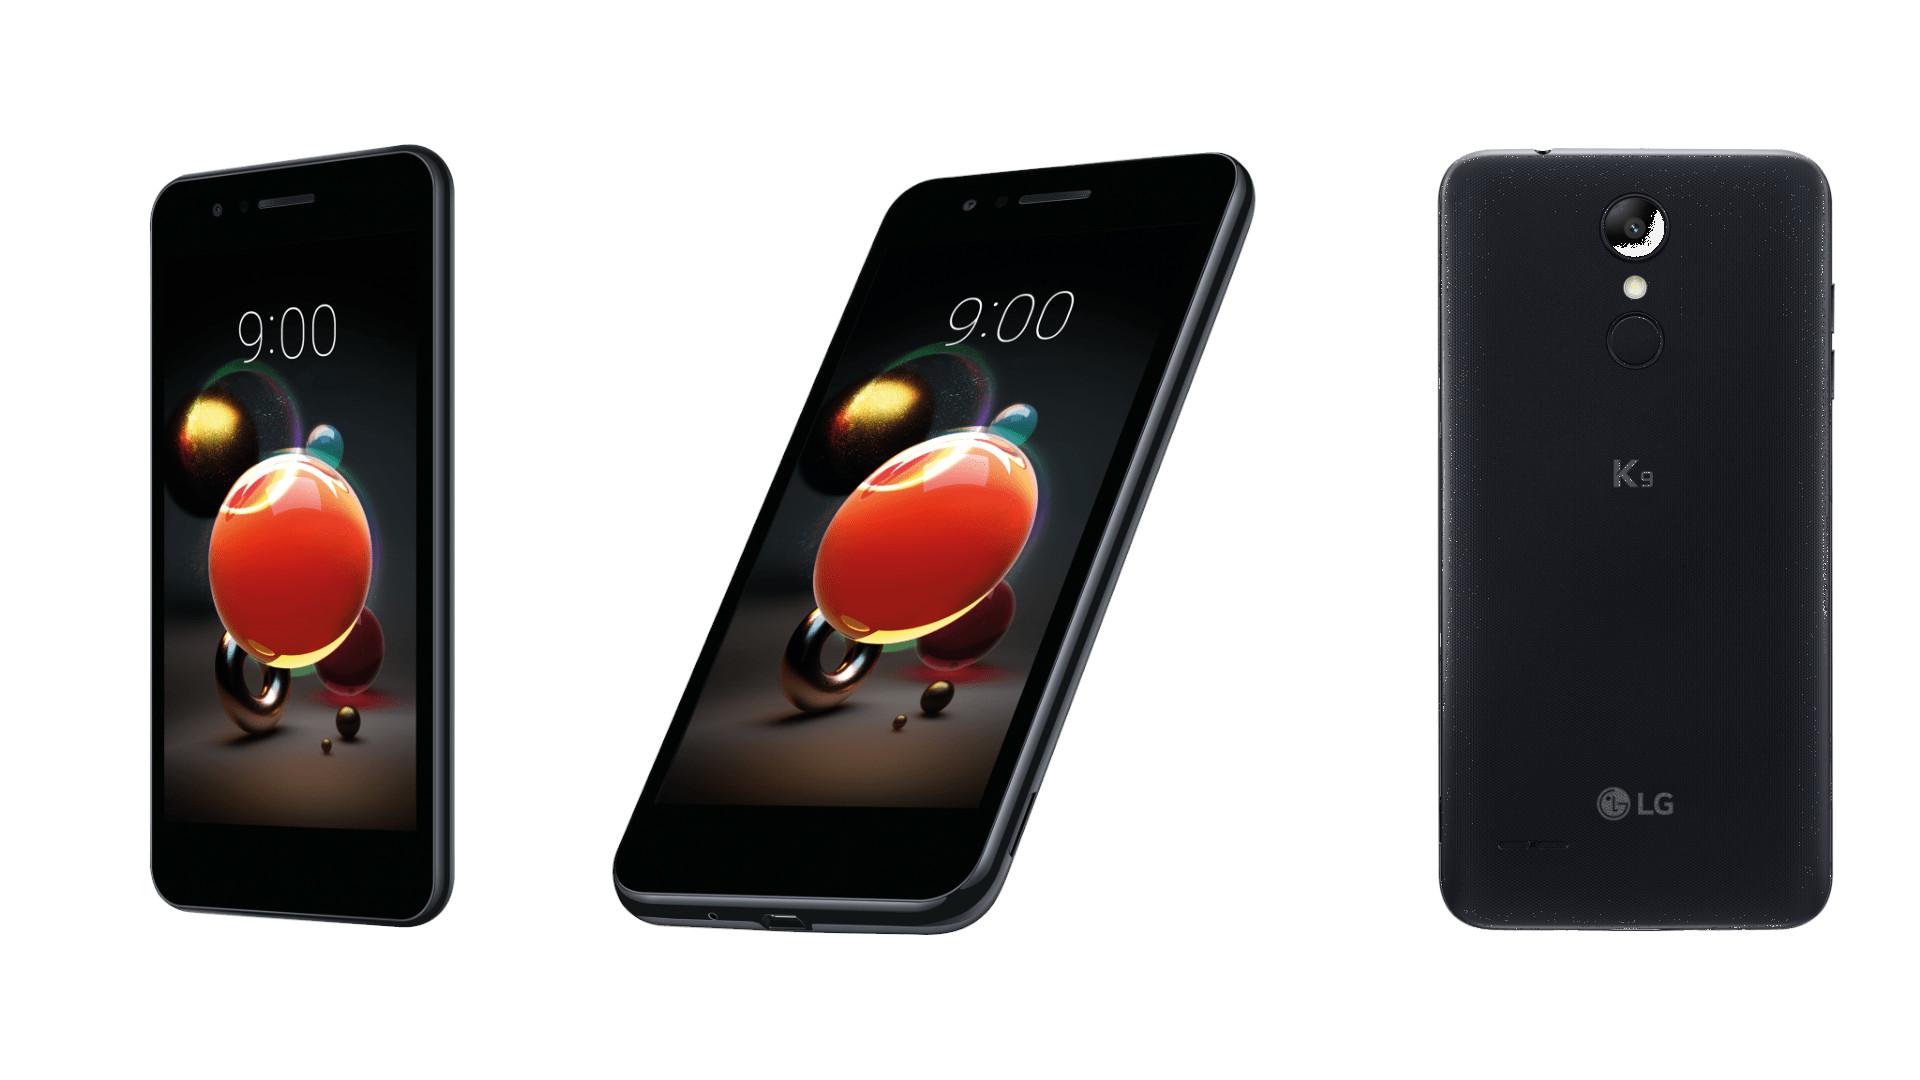 Wer das Aldi Handy LG K9 kauft bekommt drei Jahre Garantie Außerdem liegt eine Aldi Talk SIM Karte mit einem Guthaben von 10 Euro bei